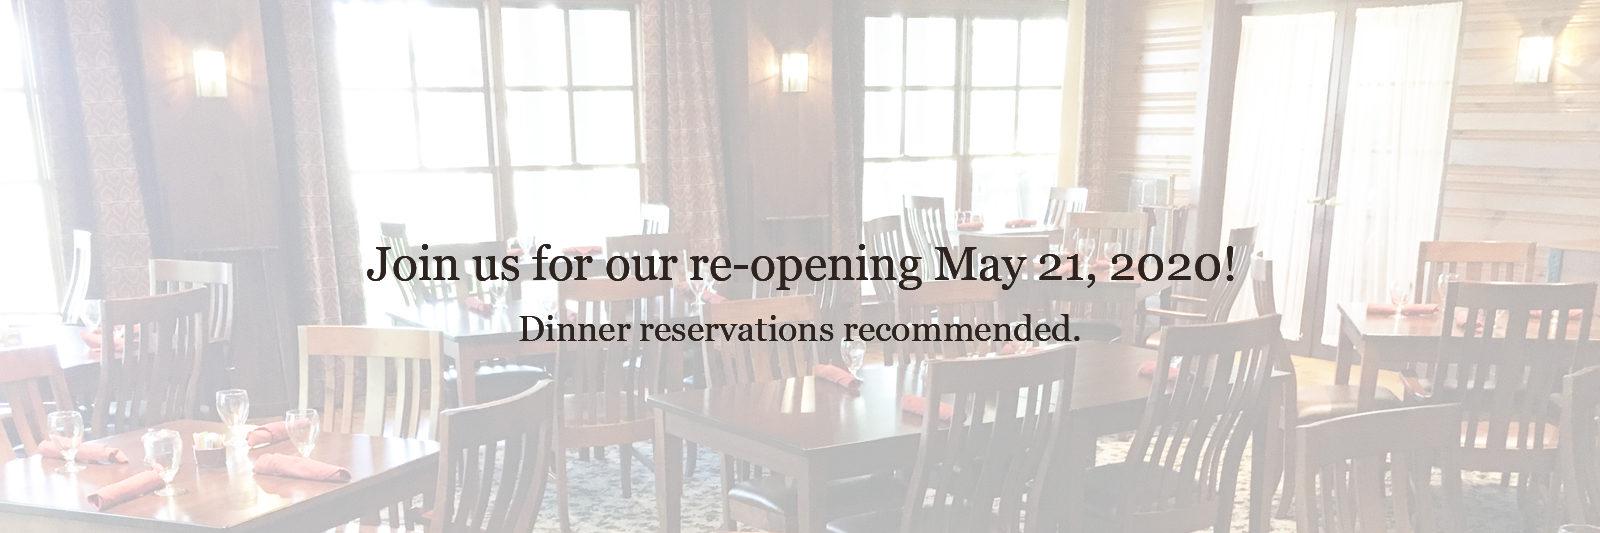 Brasstown Valley Header Dining Room reopening